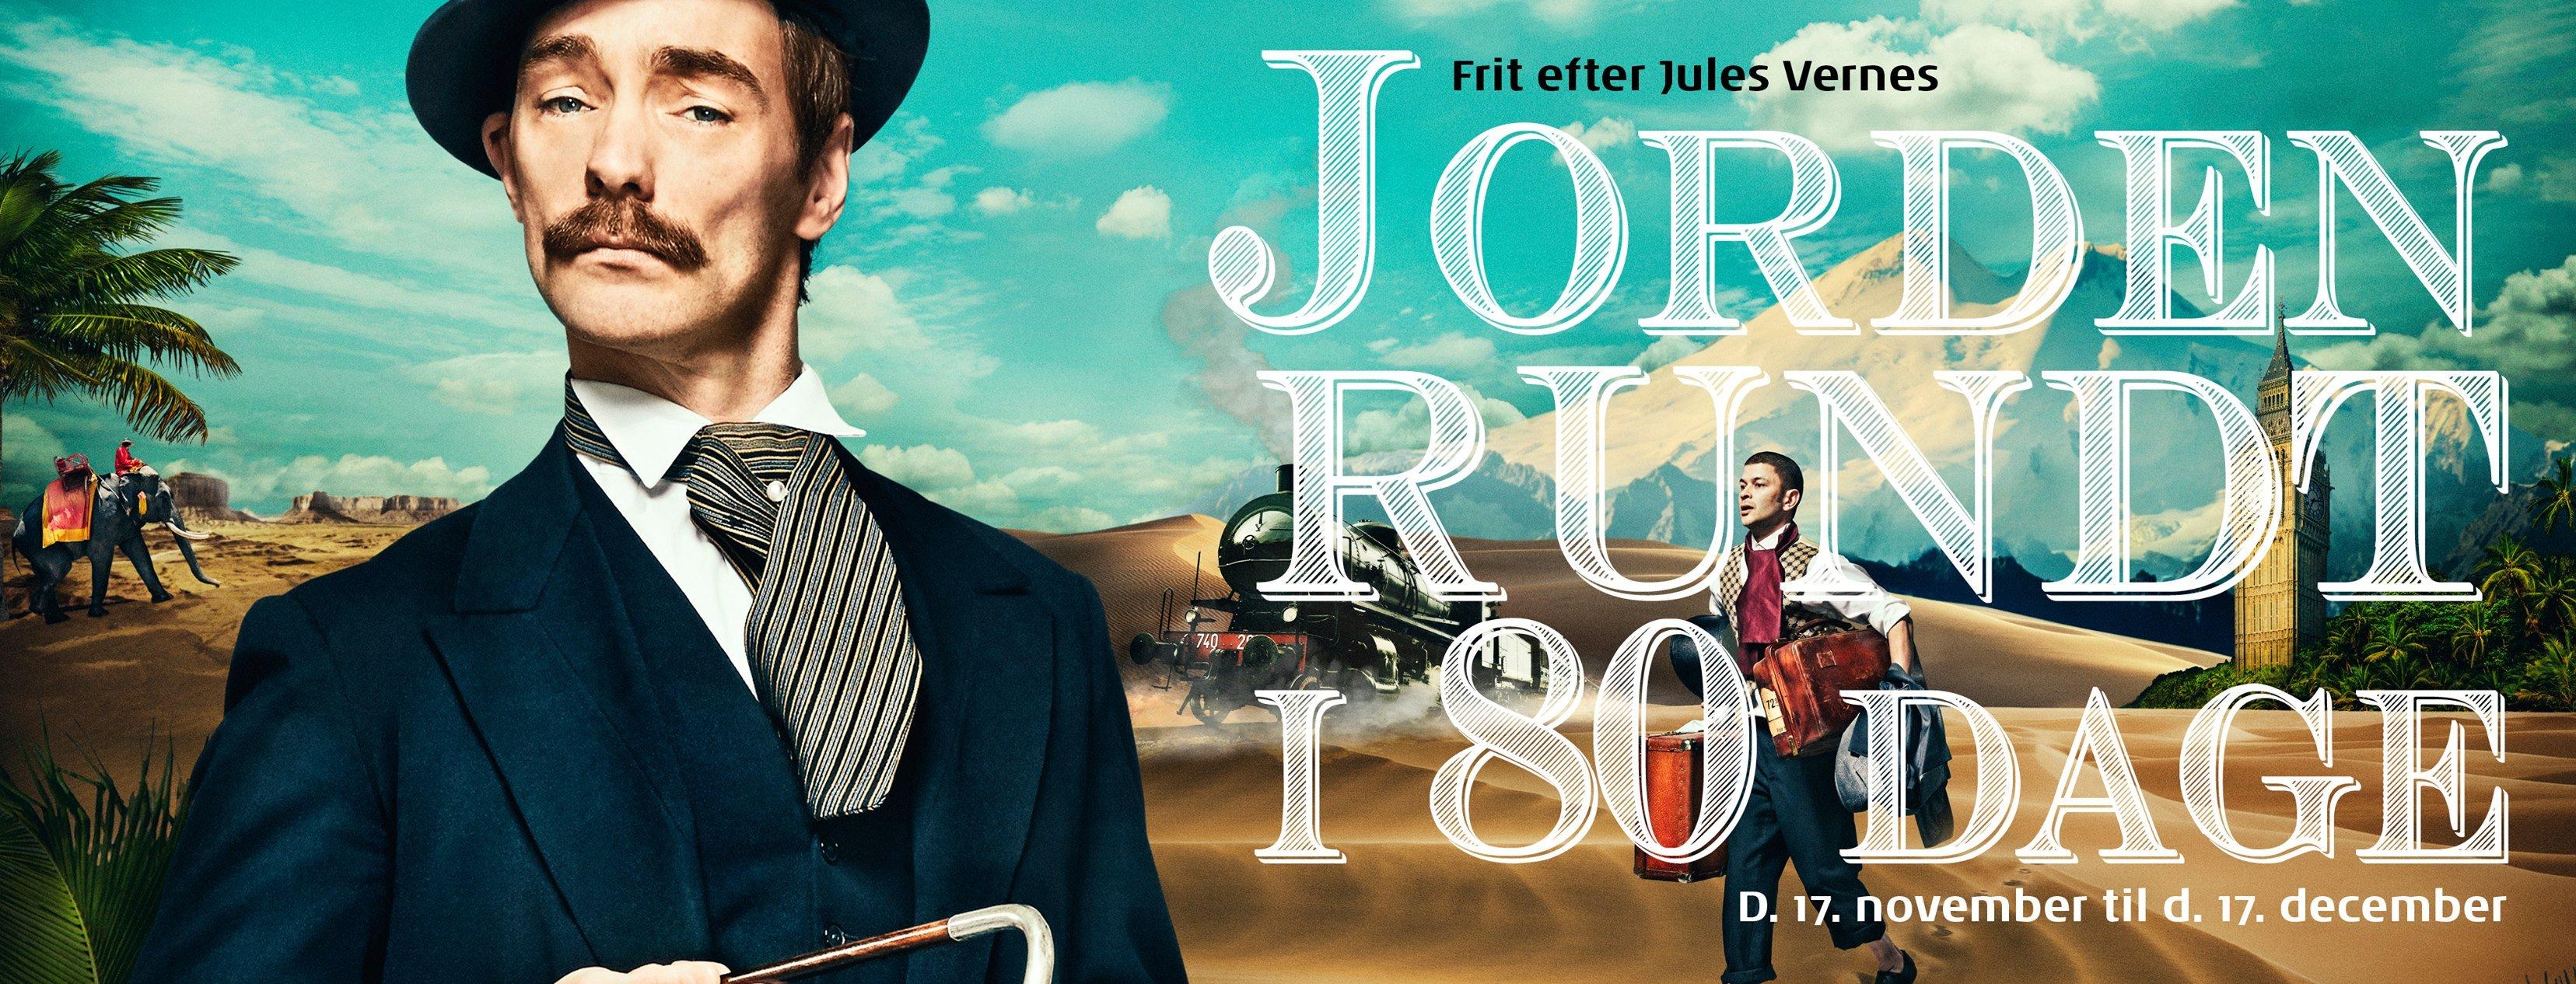 Anmeldelse: Jorden rundt i 80 dage, Himmerlands Teater